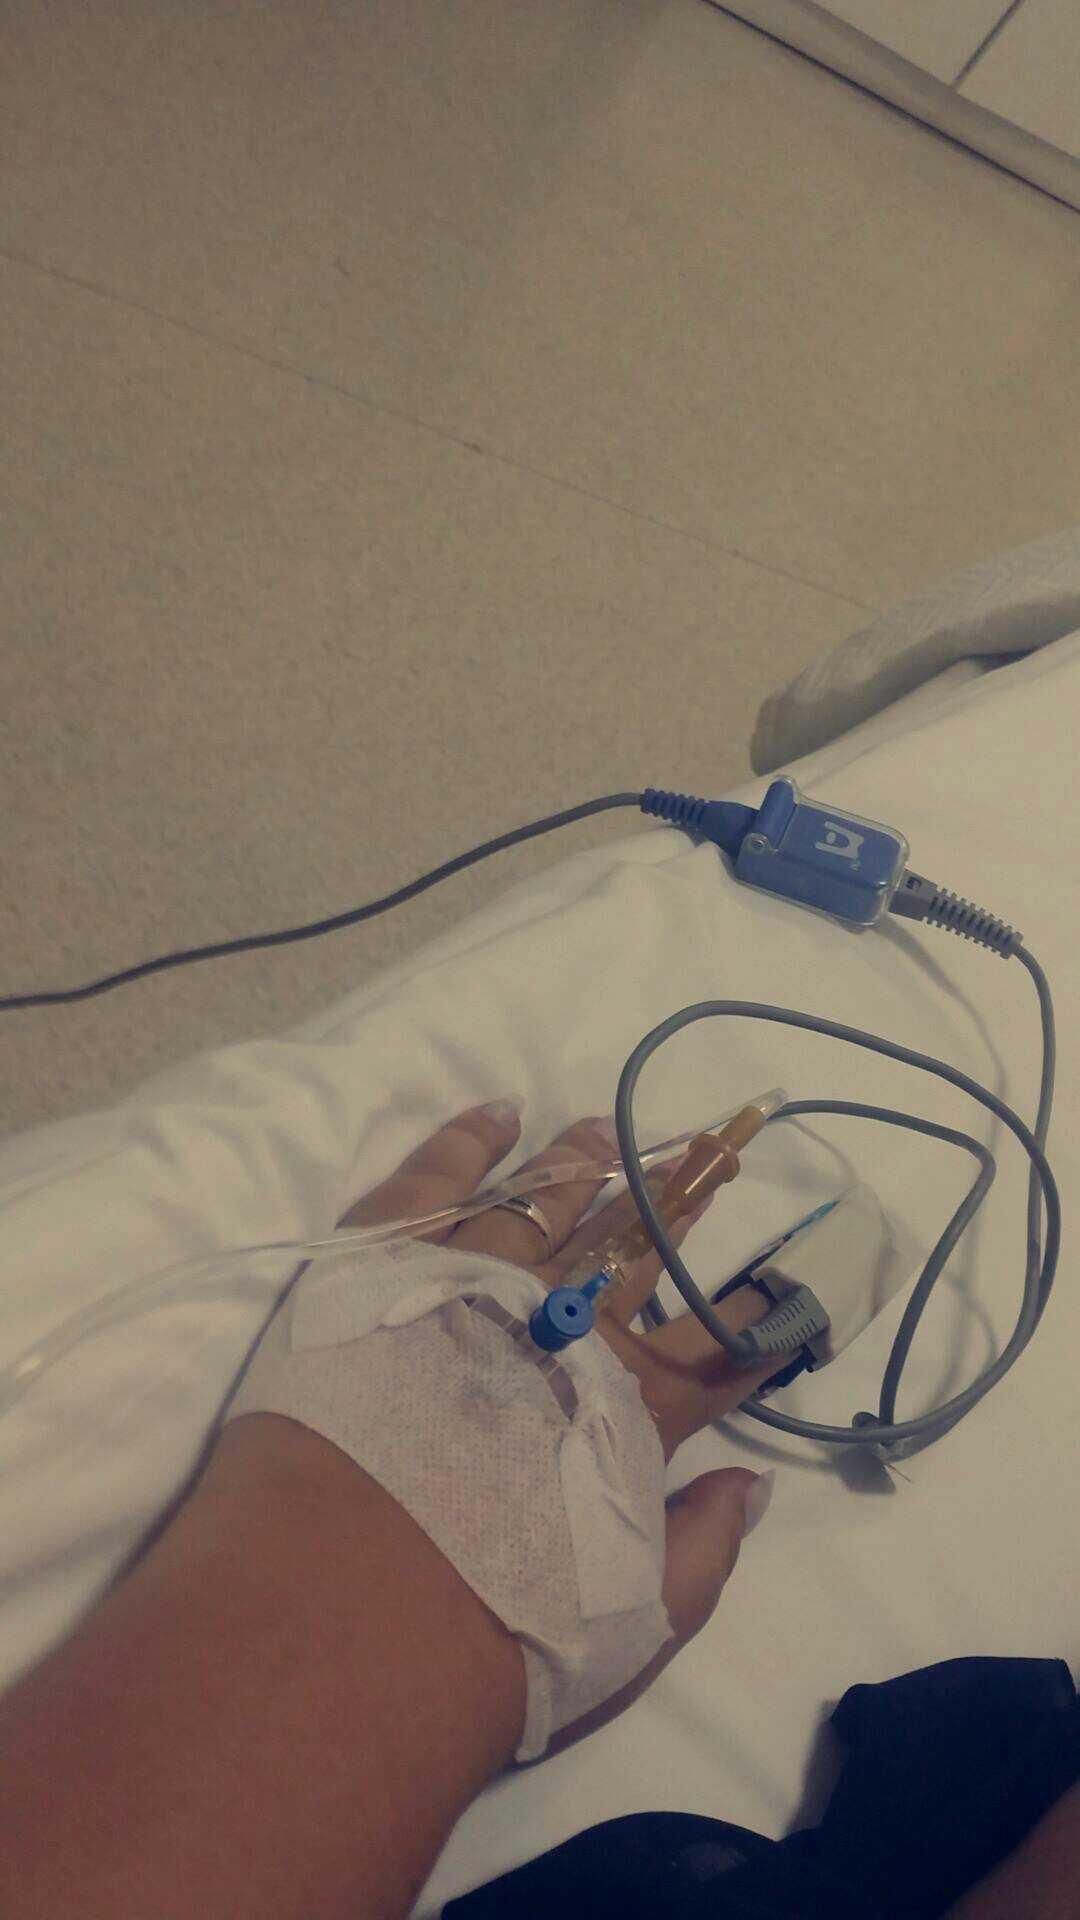 Isabell fick både syrgas och dropp på sjukhuset.